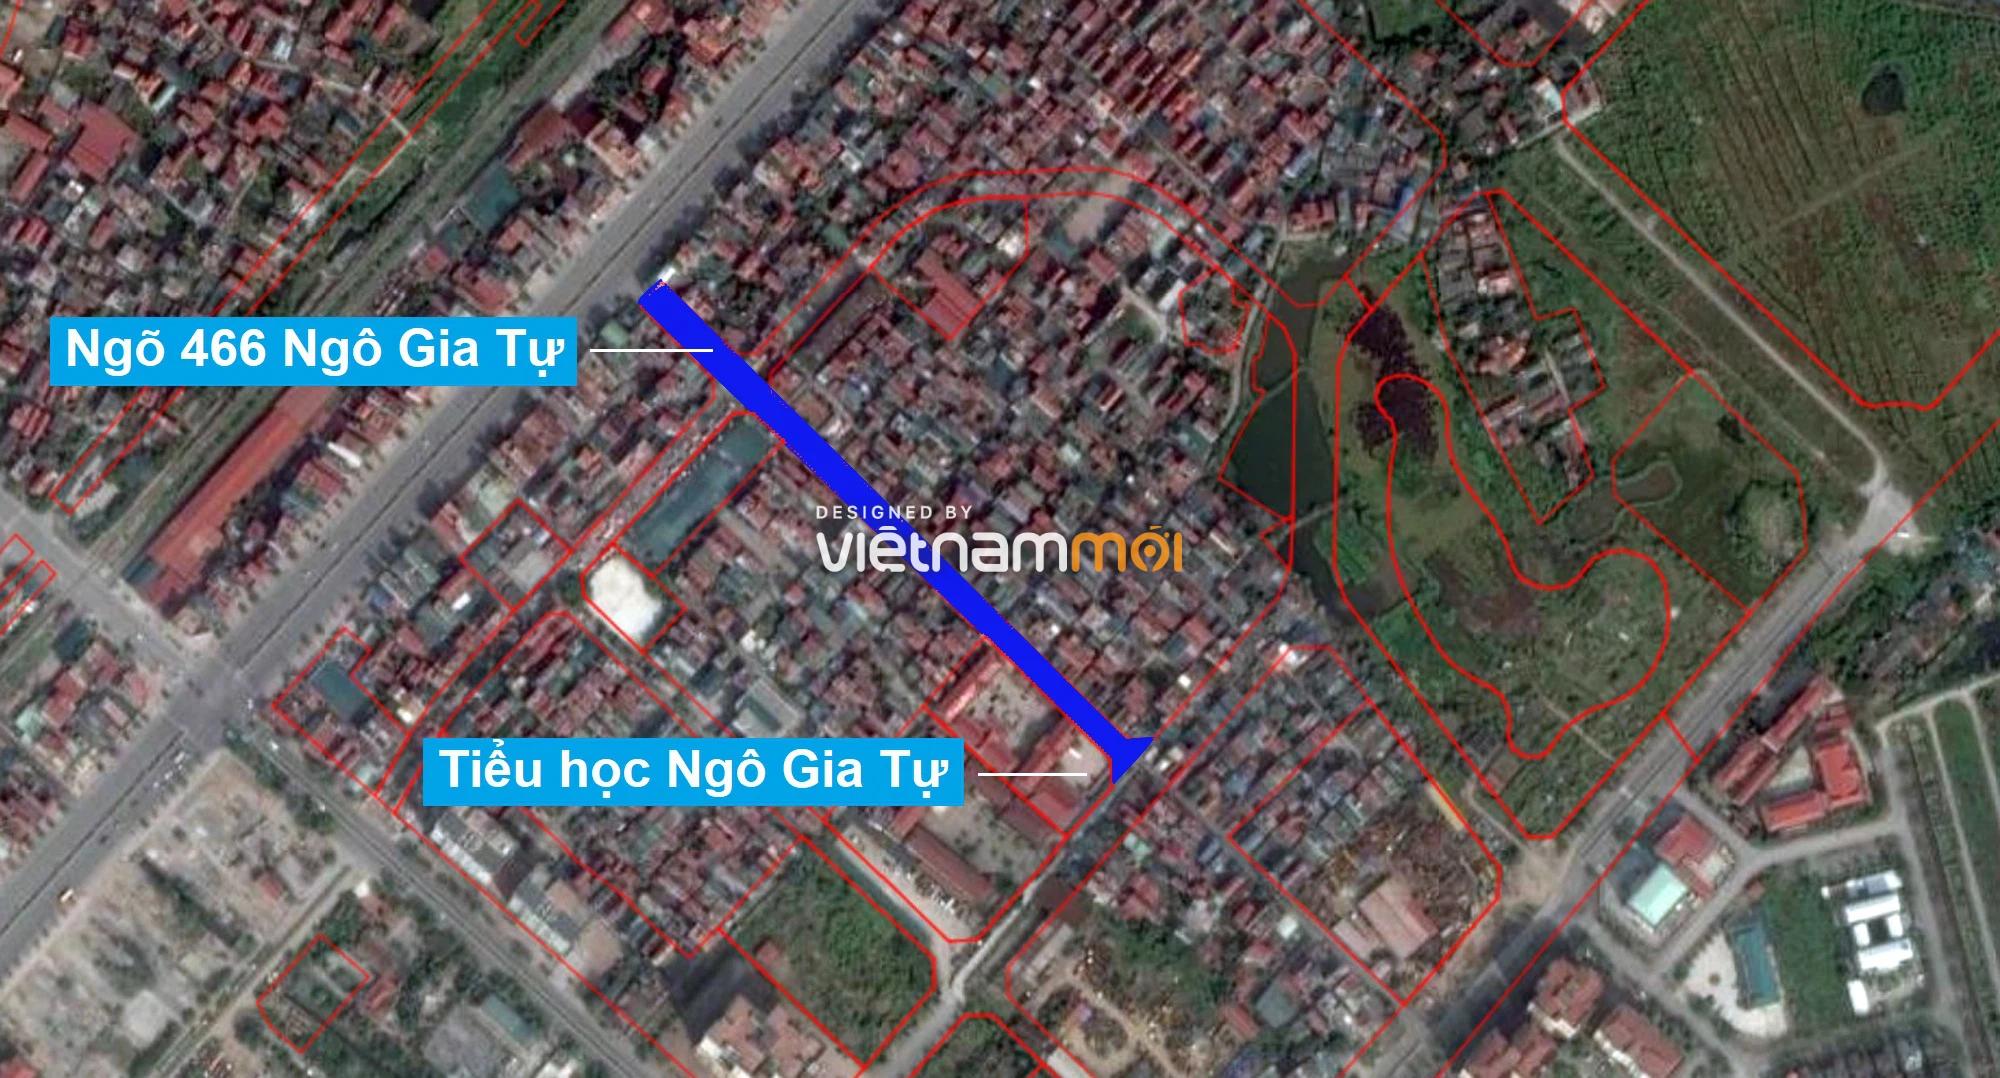 Những khu đất sắp thu hồi để mở đường ở phường Đức Giang, Long Biên, Hà Nội (phần 3) - Ảnh 15.